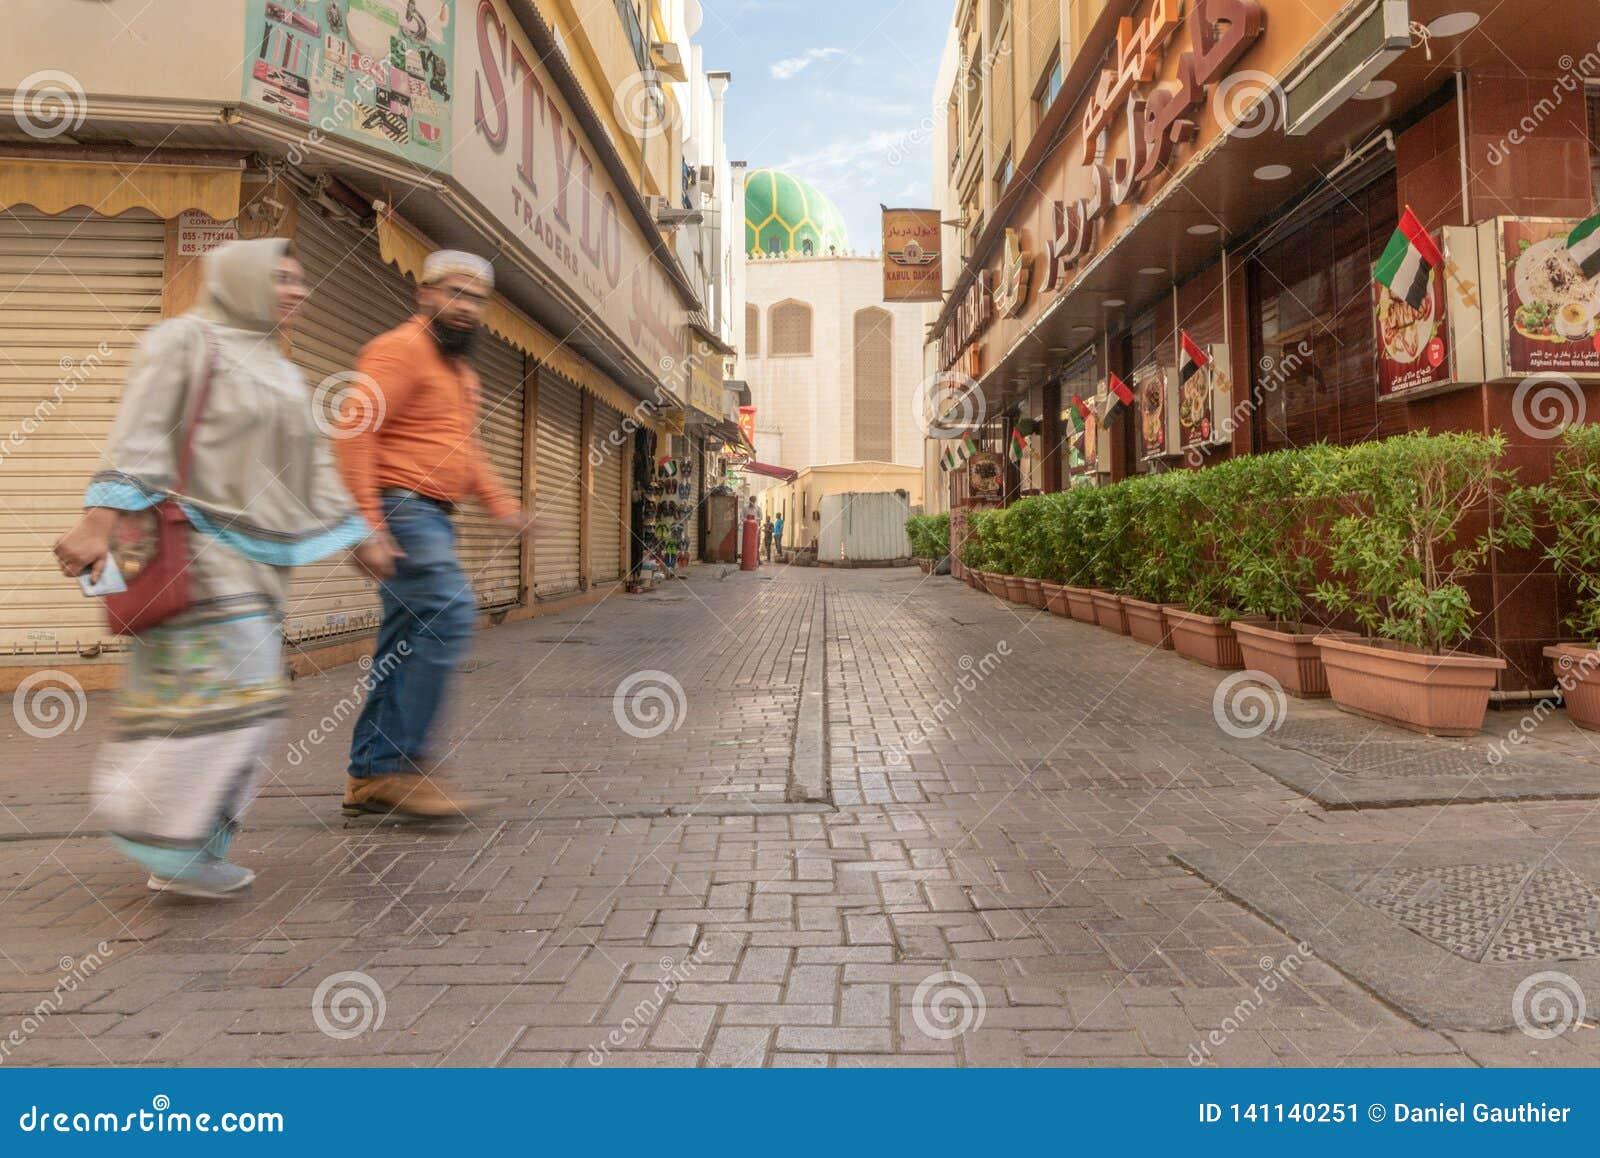 Σκηνή οδών στην περιοχή Deira, Ντουμπάι